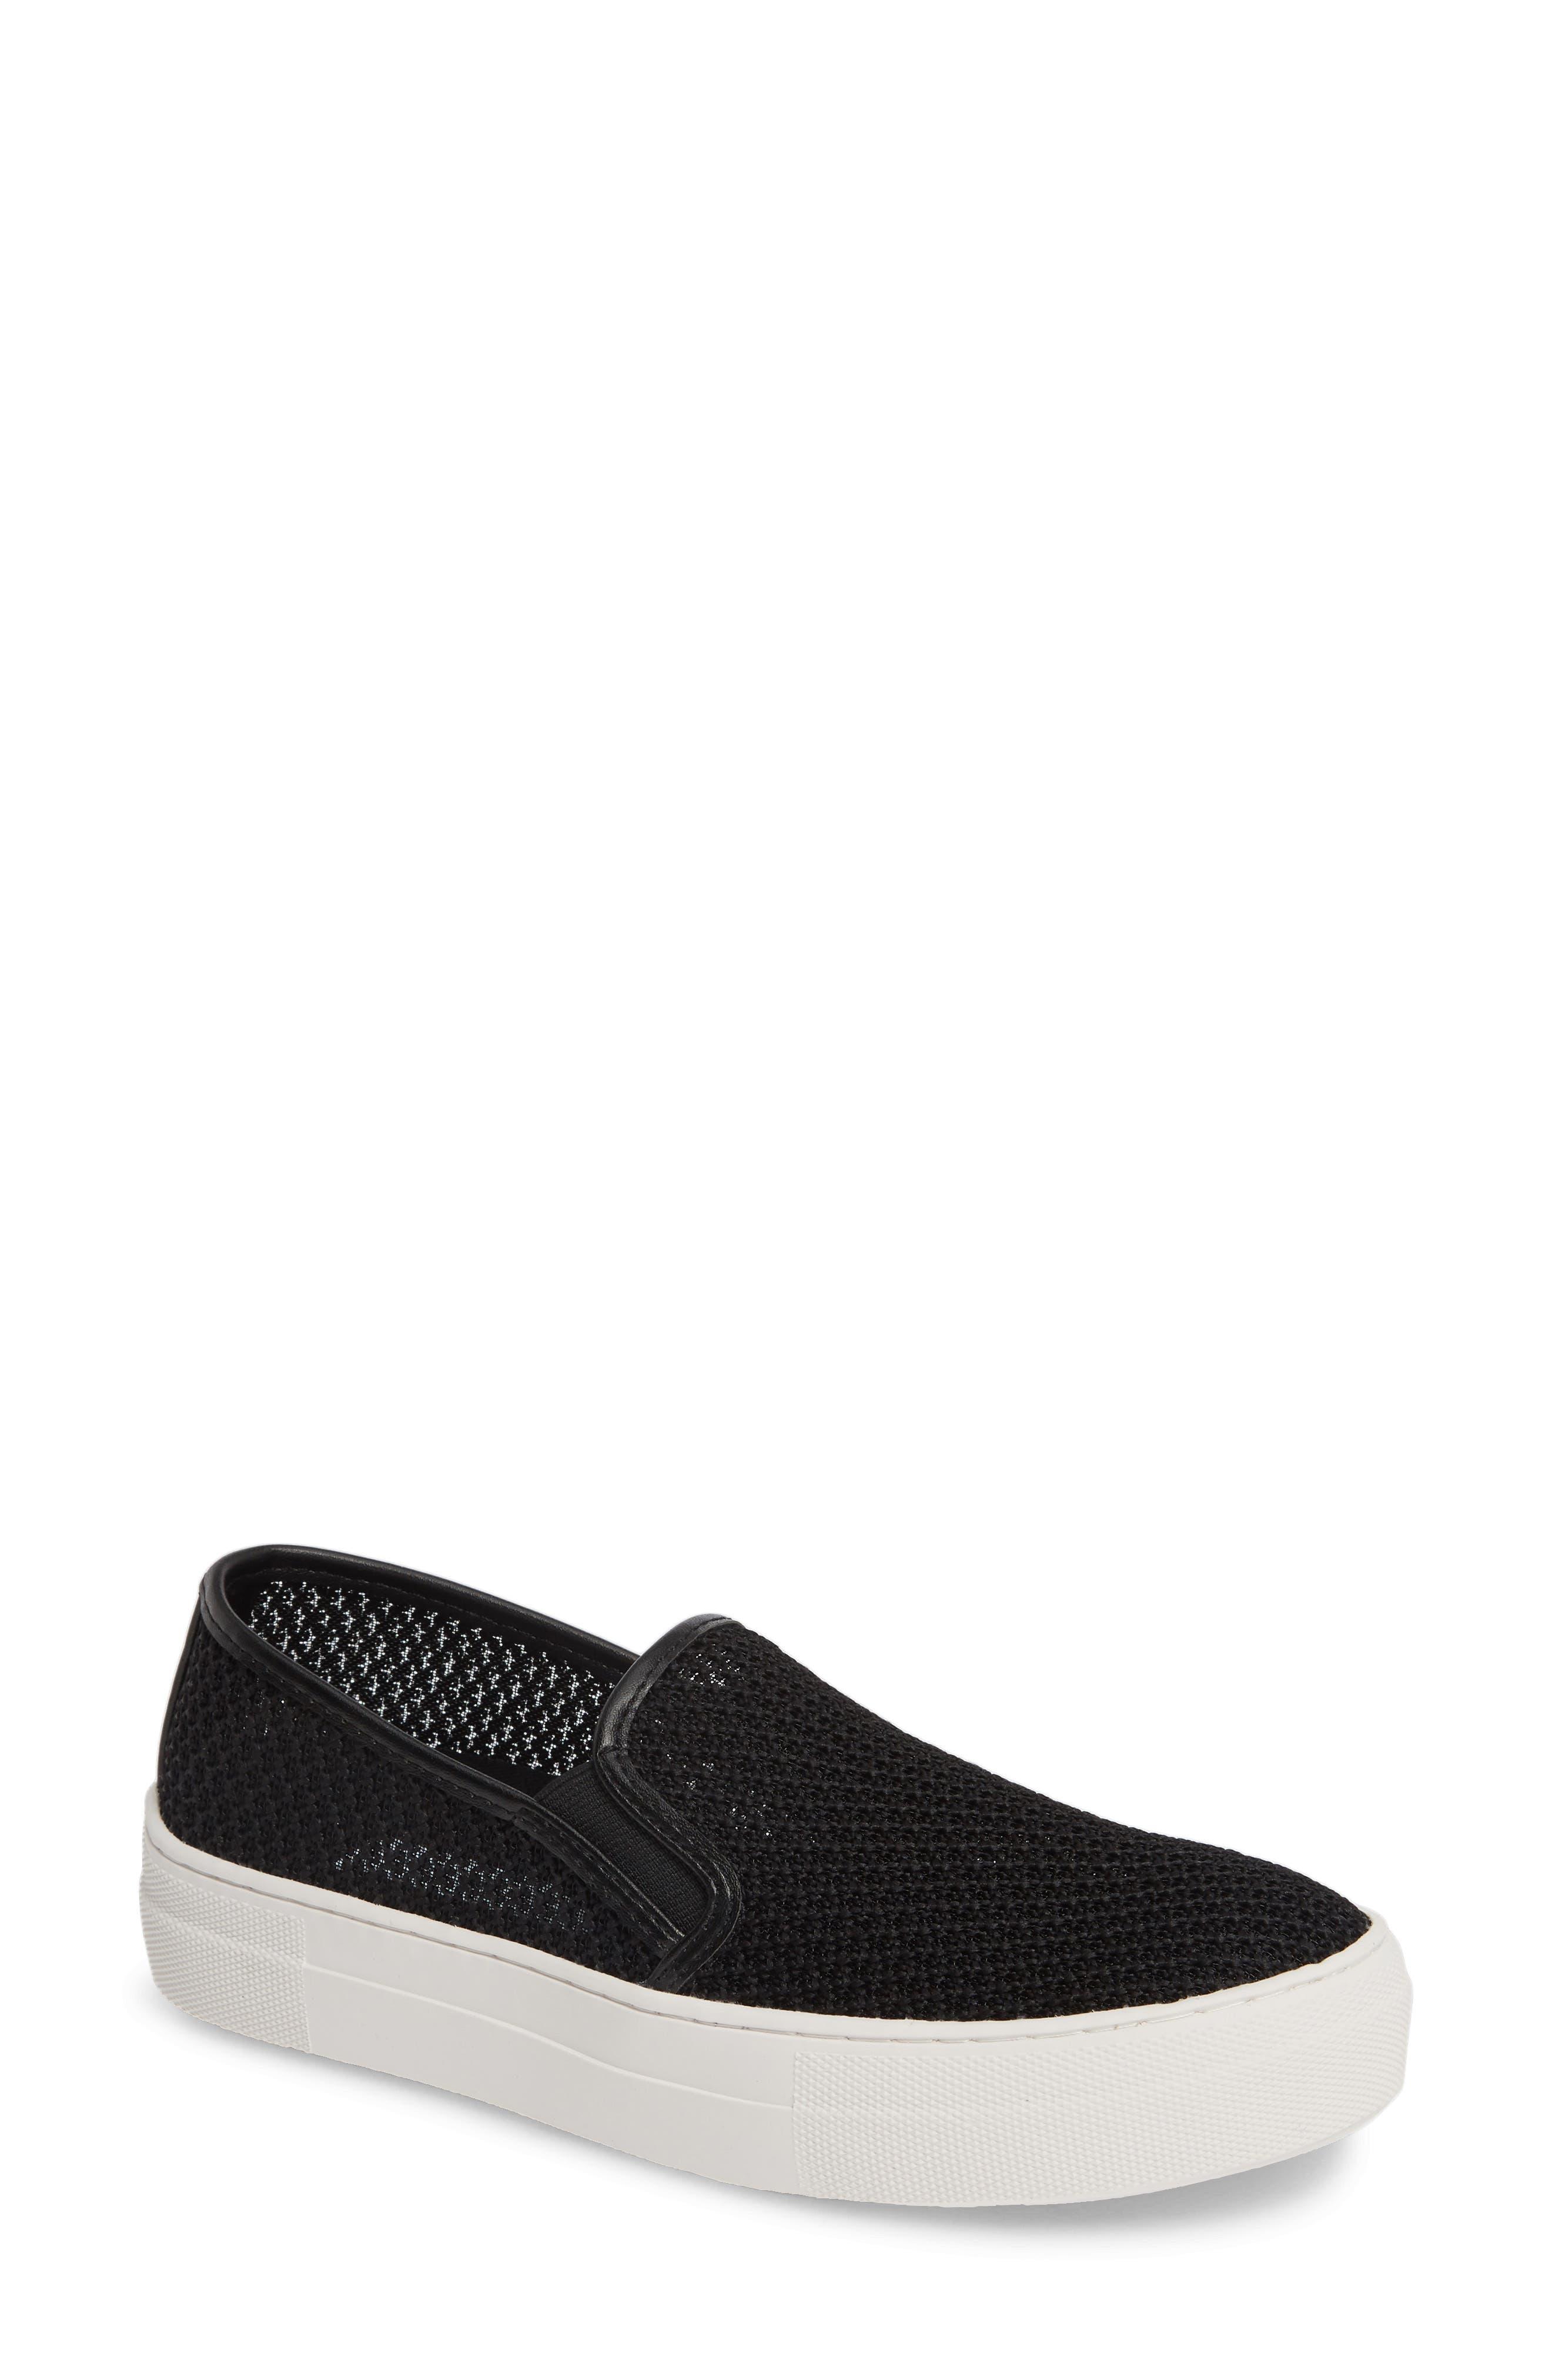 STEVE MADDEN, Gills-M Mesh Slip-On Sneaker, Main thumbnail 1, color, BLACK